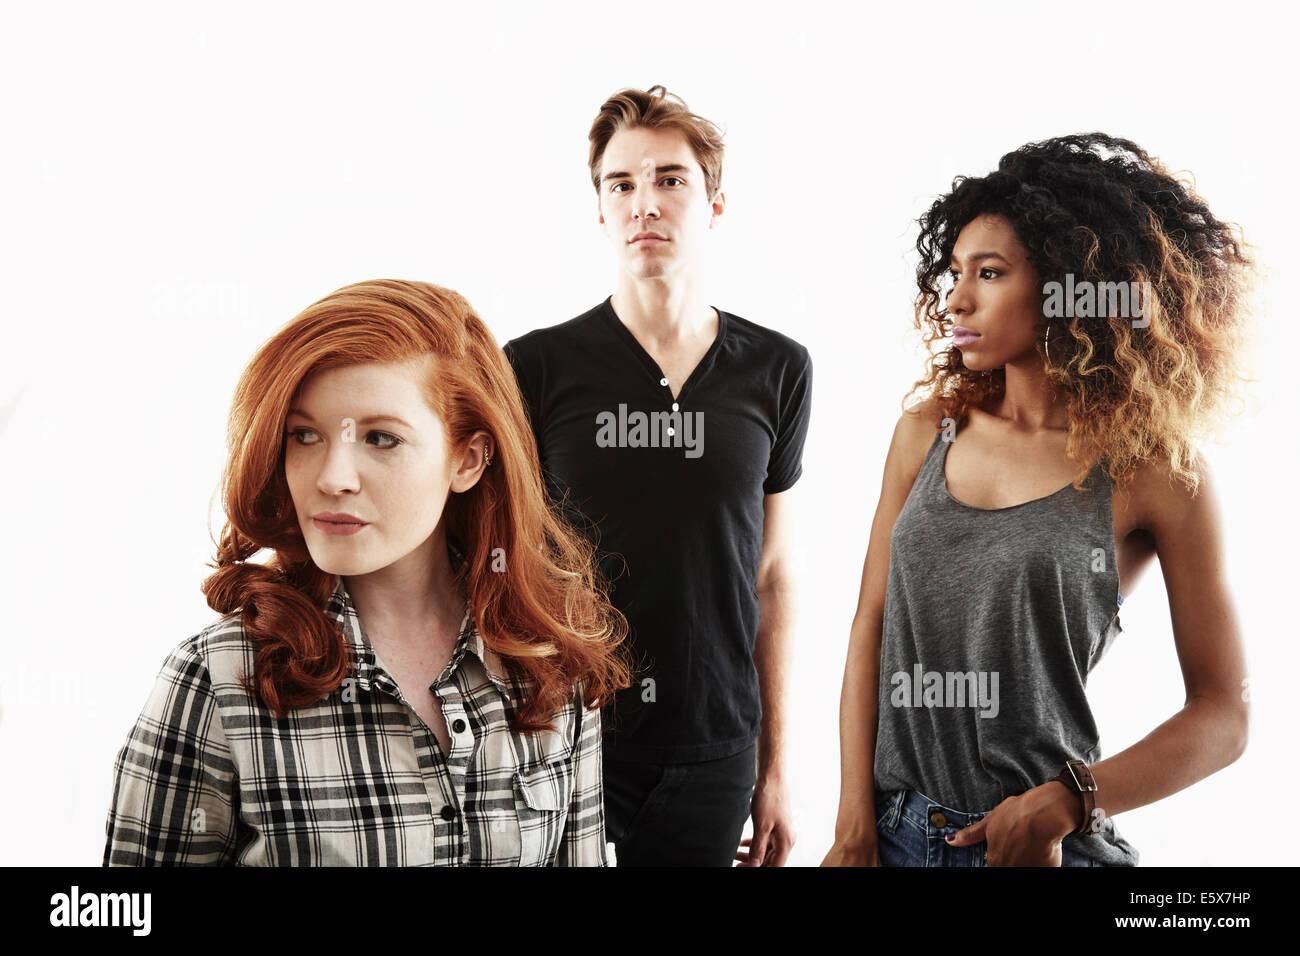 Ritratto in studio di due giovani donne adulte e un giovane uomo adulto Immagini Stock